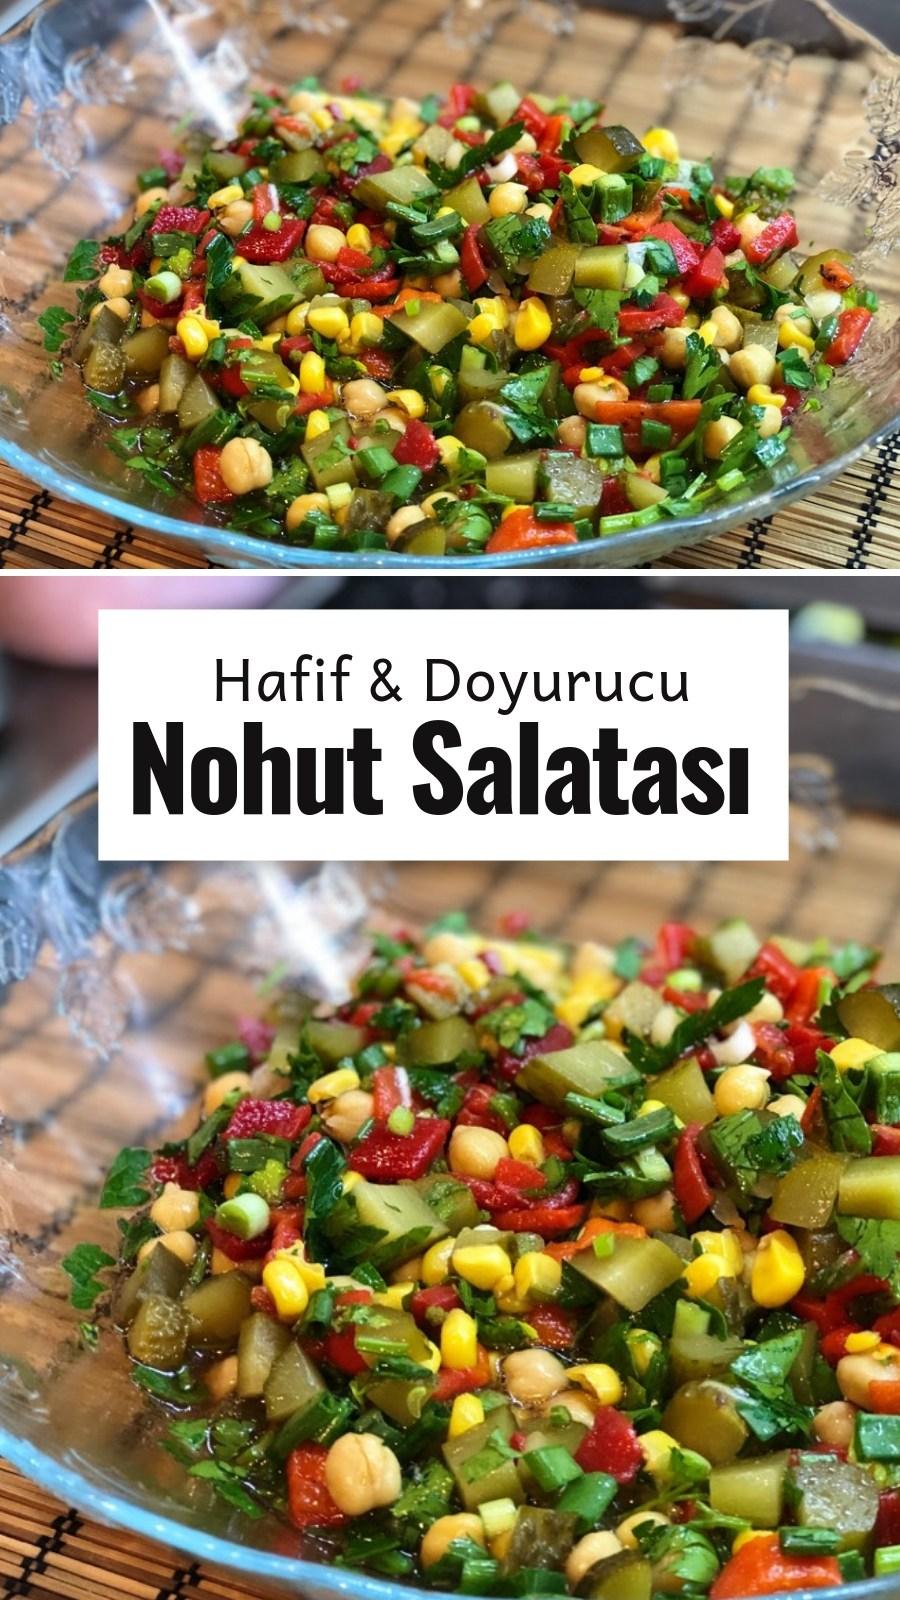 Nohut Salatası Videolu  Nefis Yemek Tarifleri